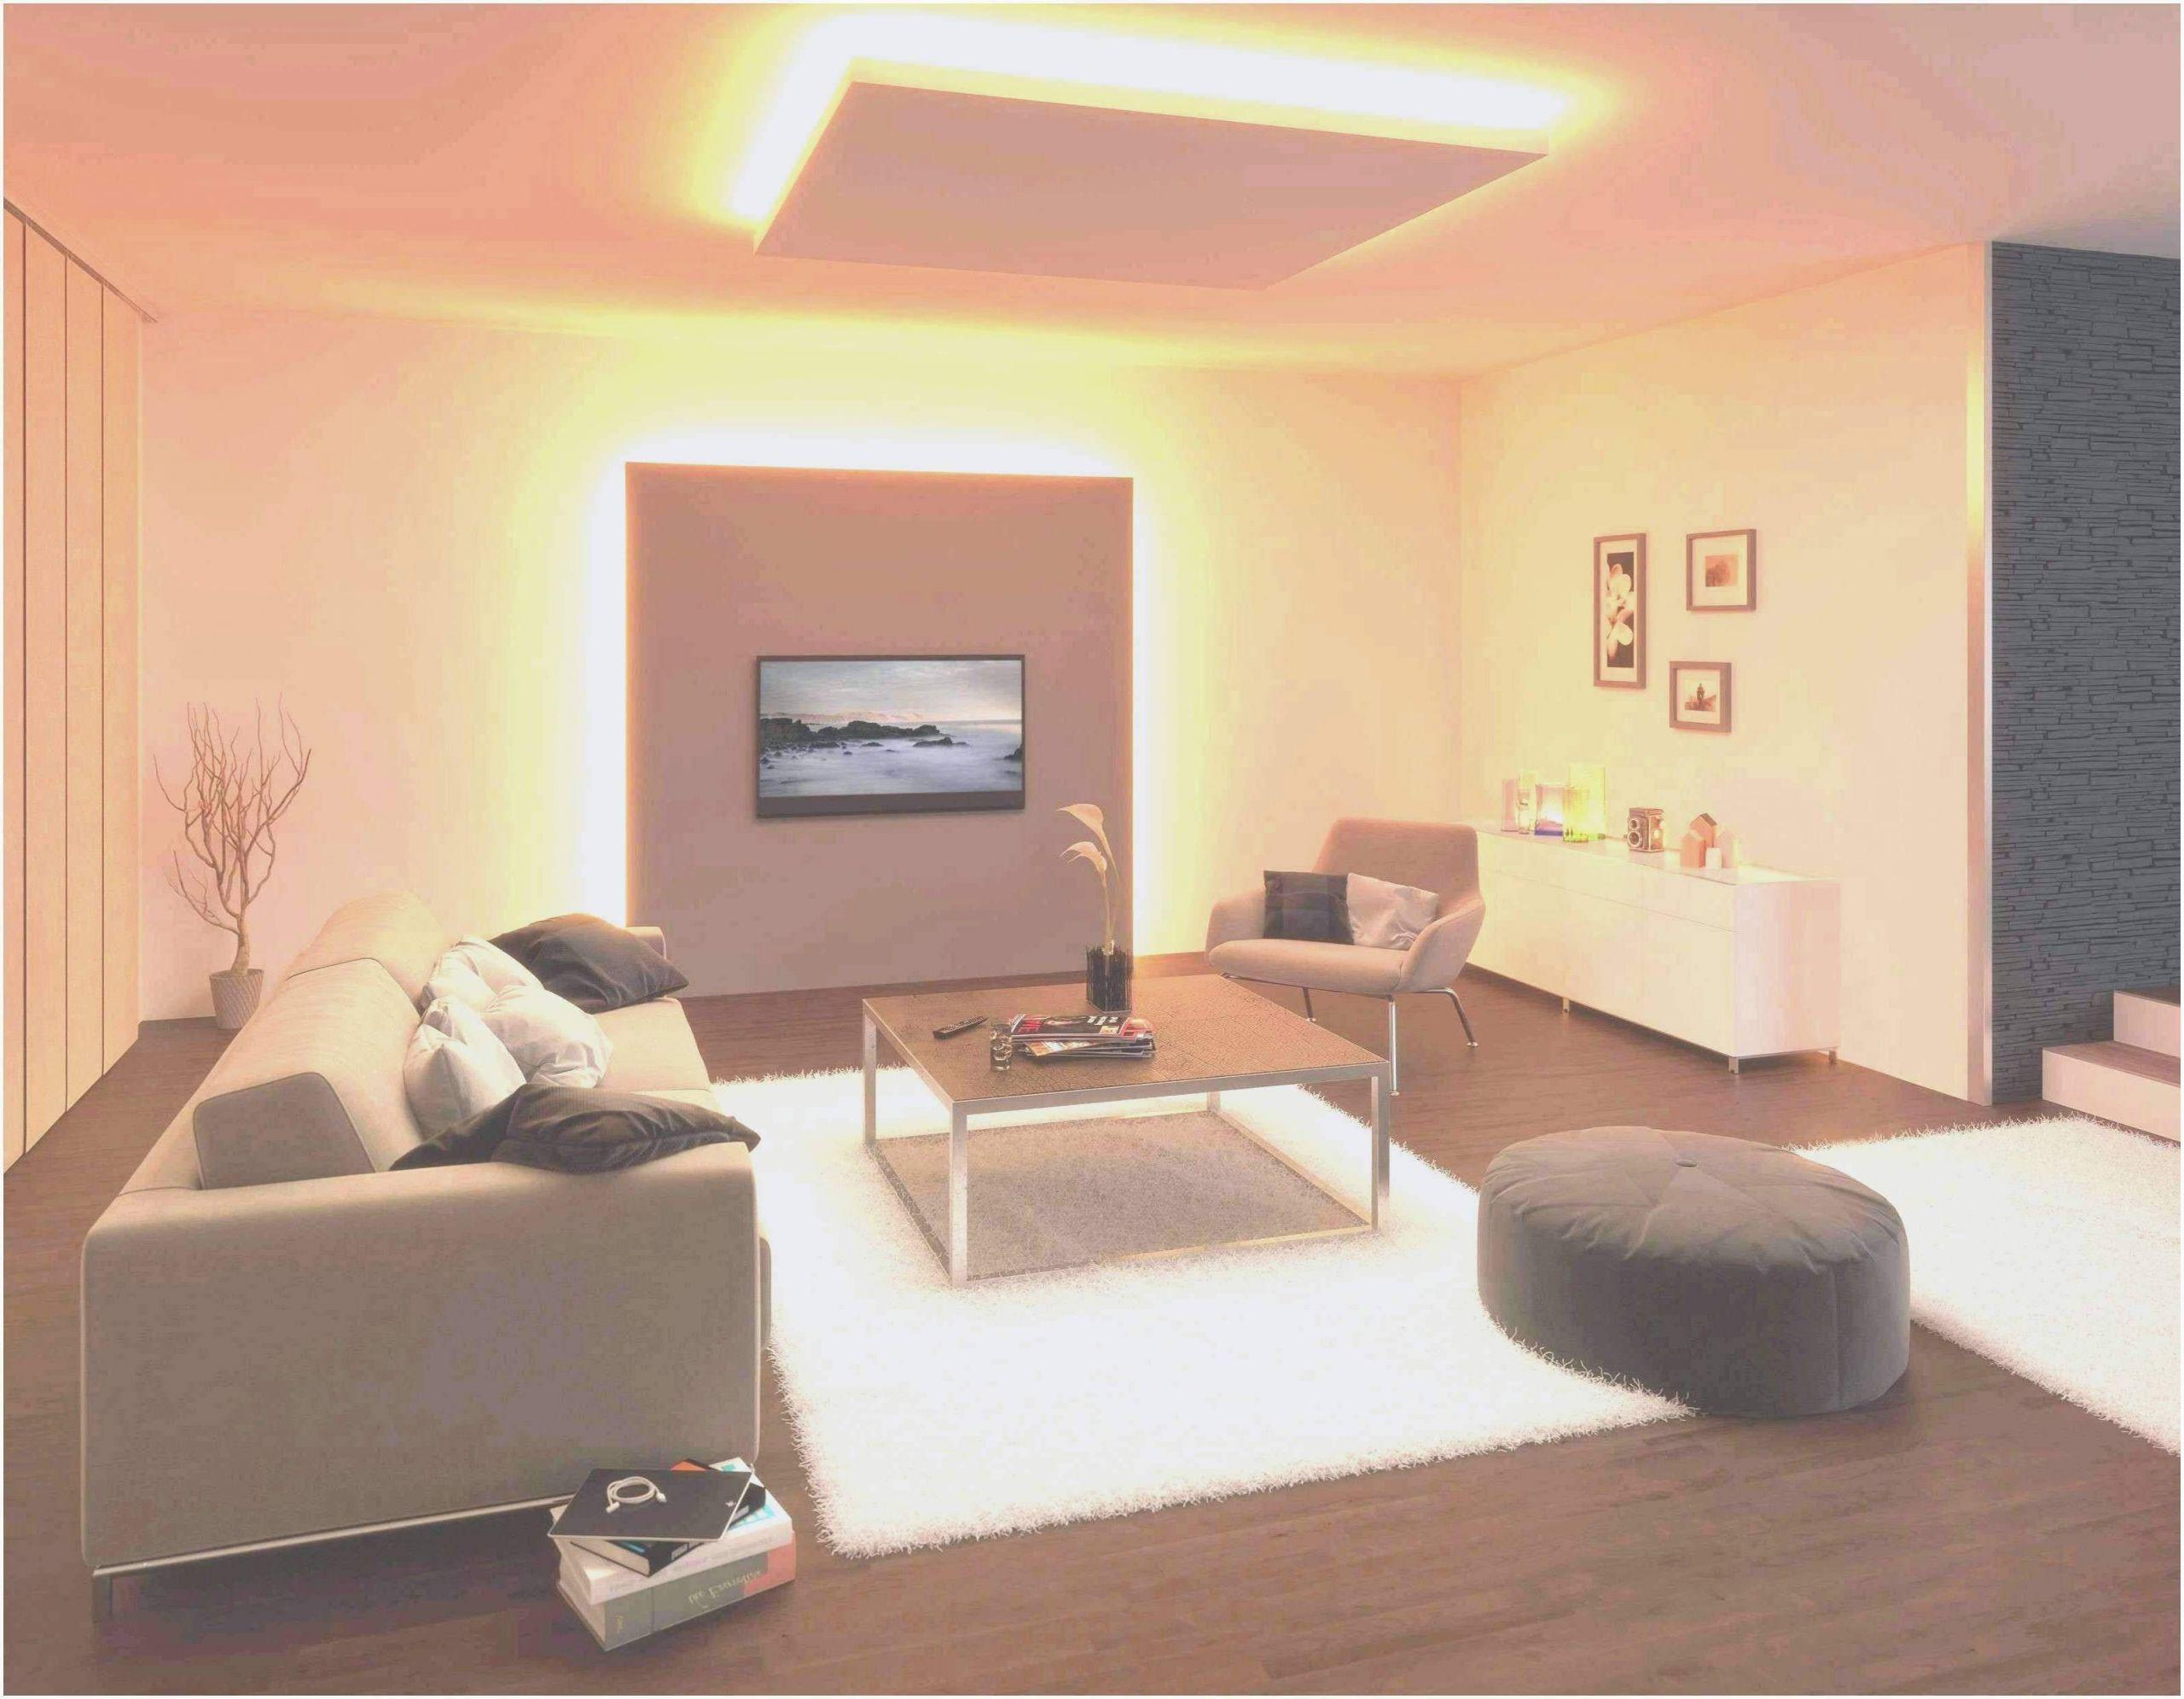 wohnzimmer lampe genial wohnzimmer lampe ohne kabel elegant kallax planer 0d of wohnzimmer lampe